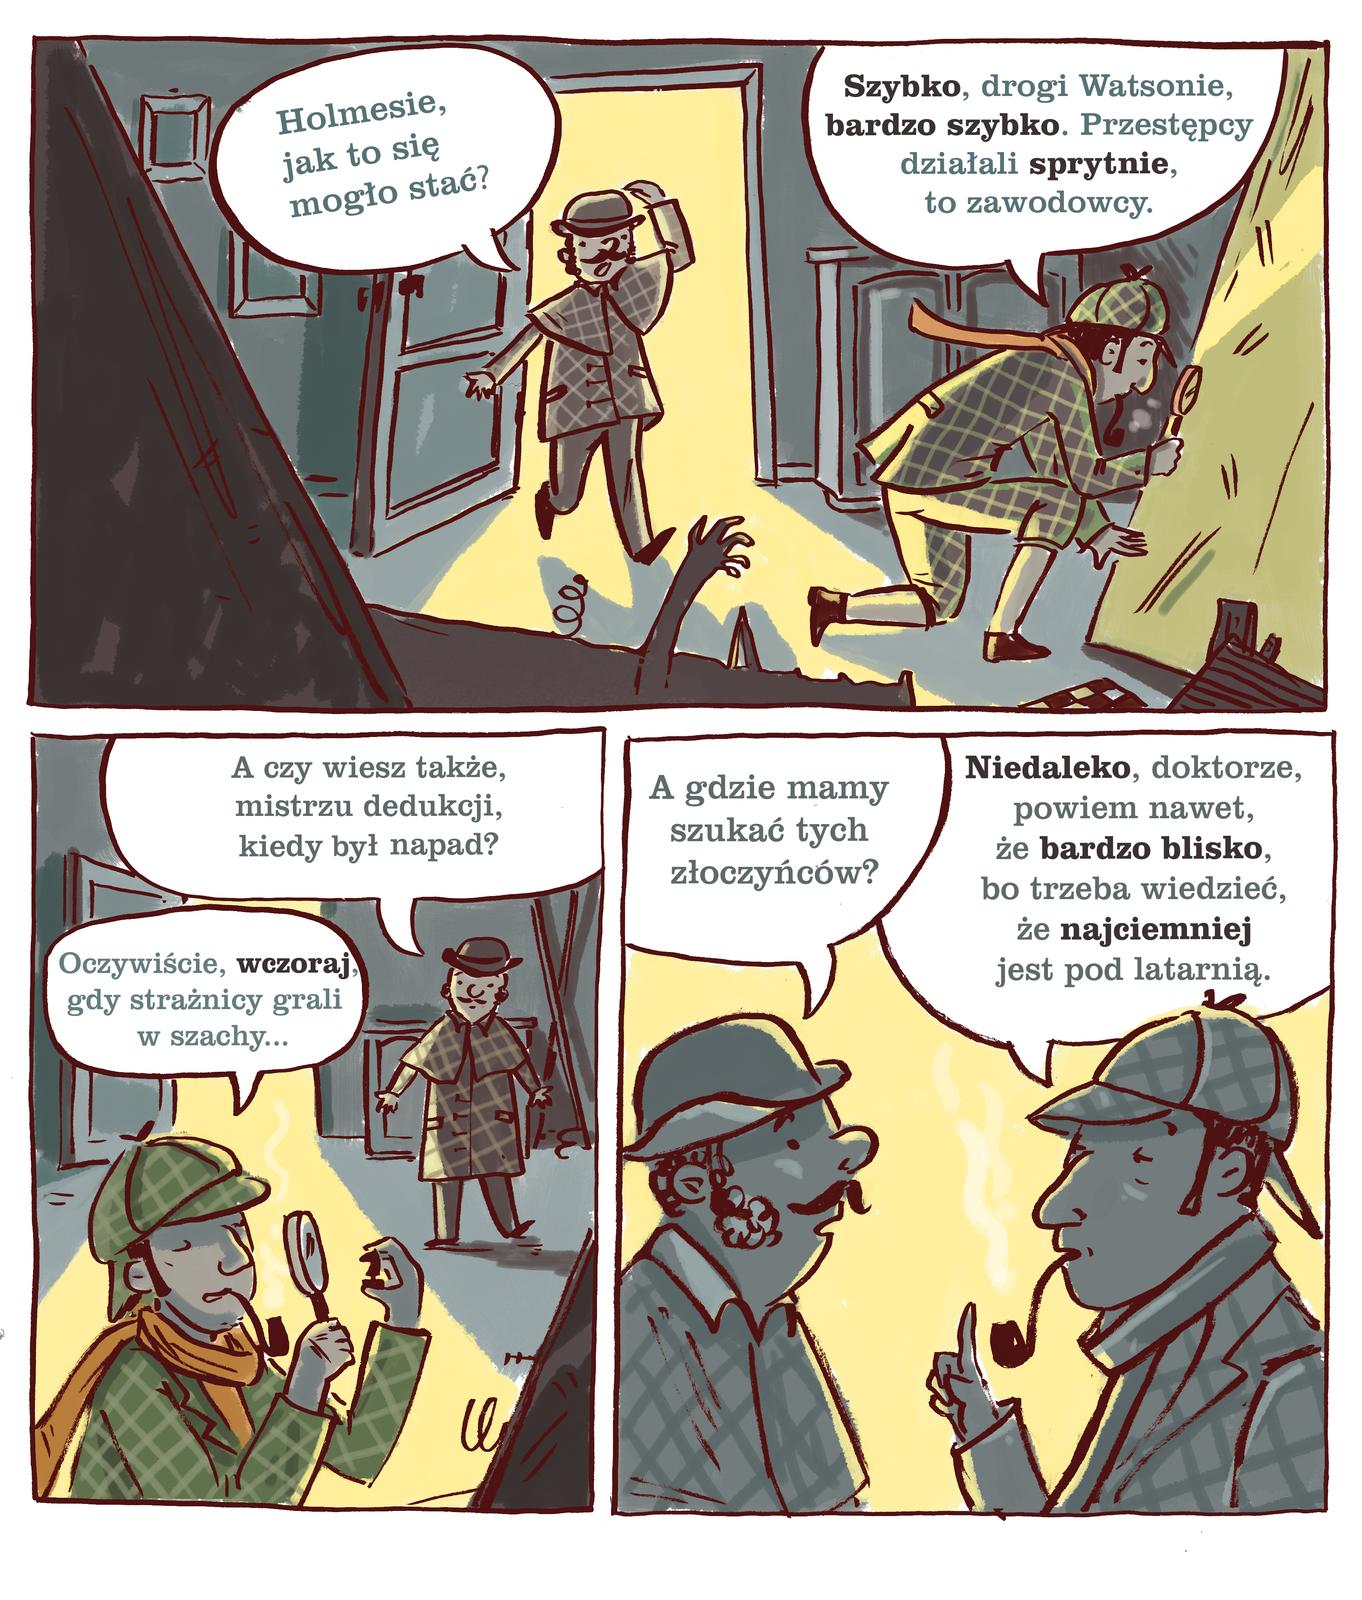 komiks holmes idr watson